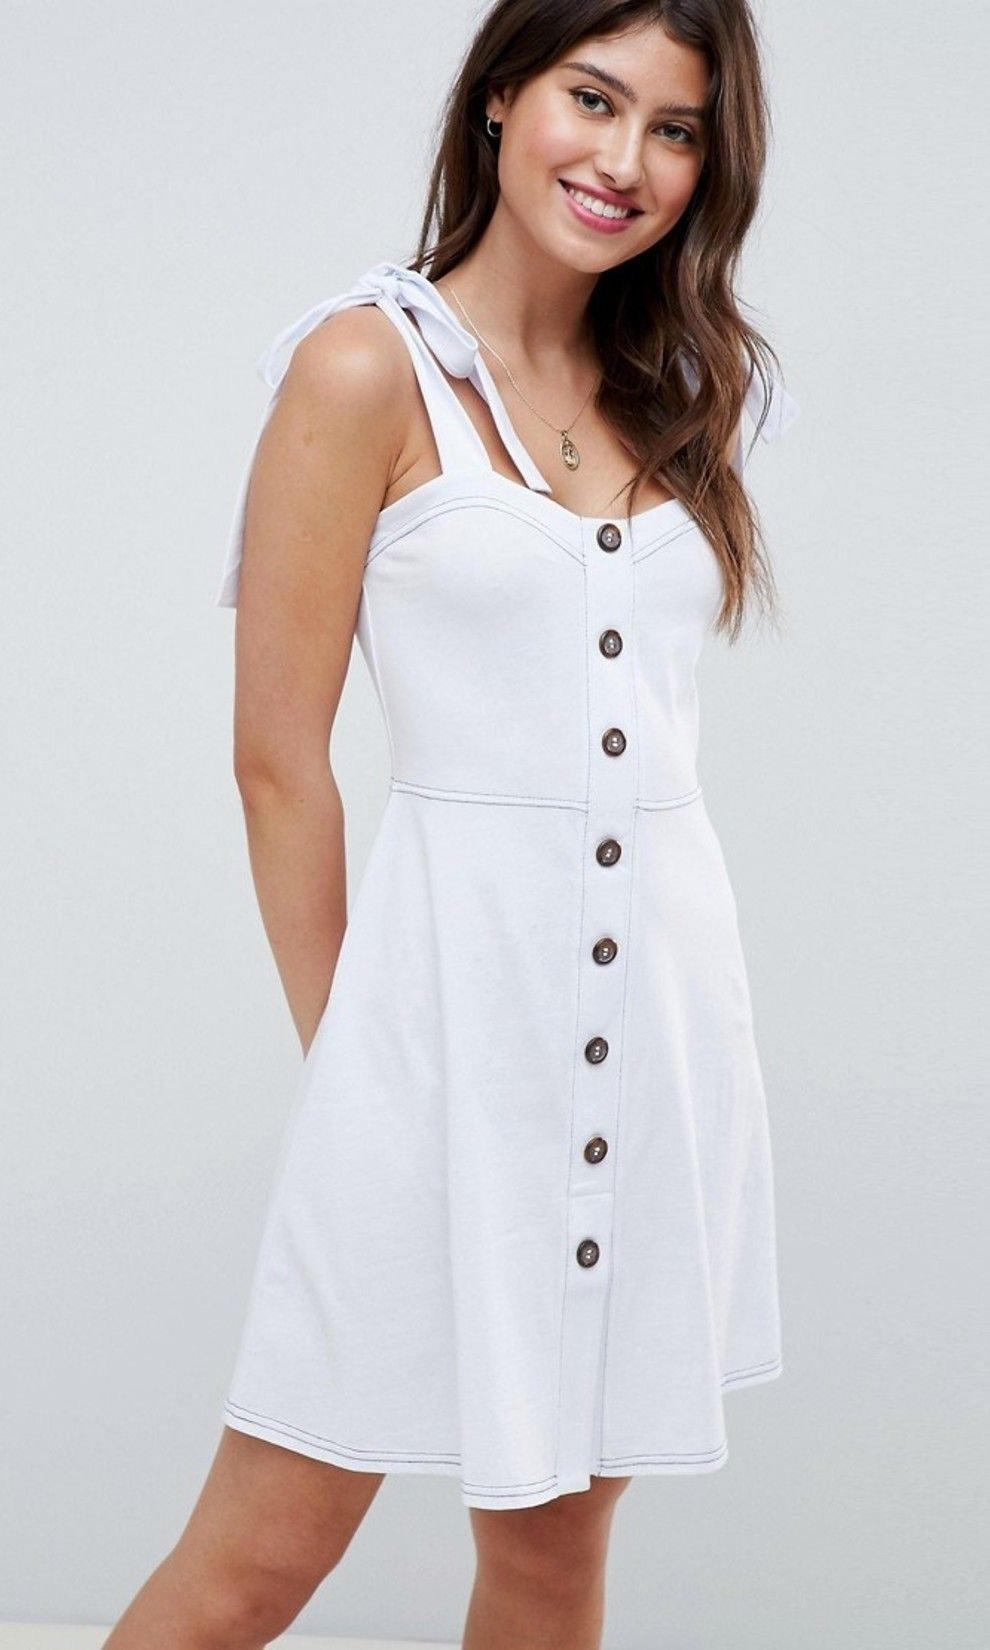 Inexpensive Everyday Dresses